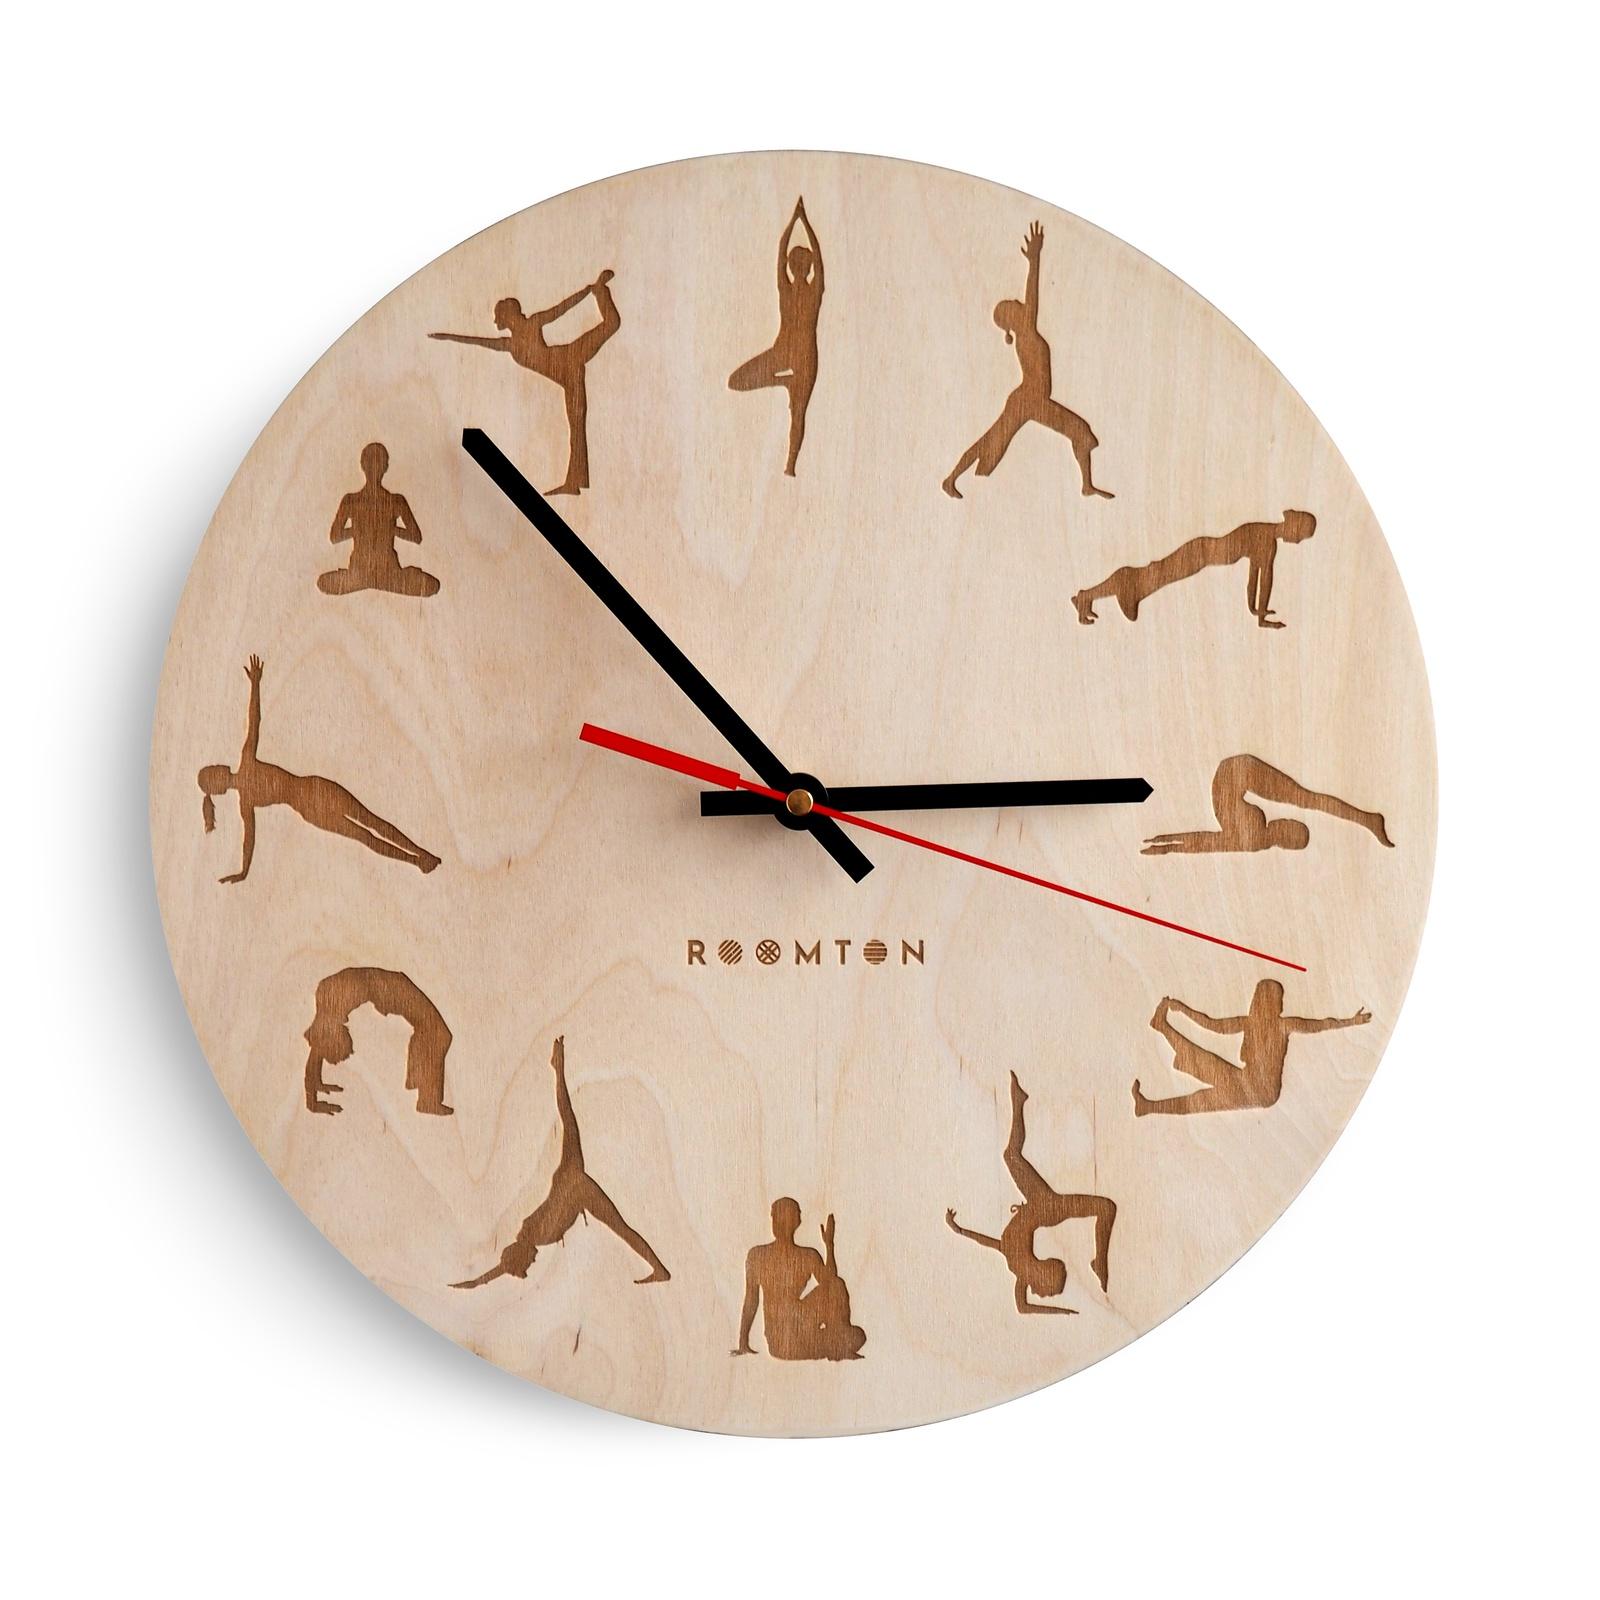 номер часы с позами любви картинки прикольные джексон, создававший великолепную